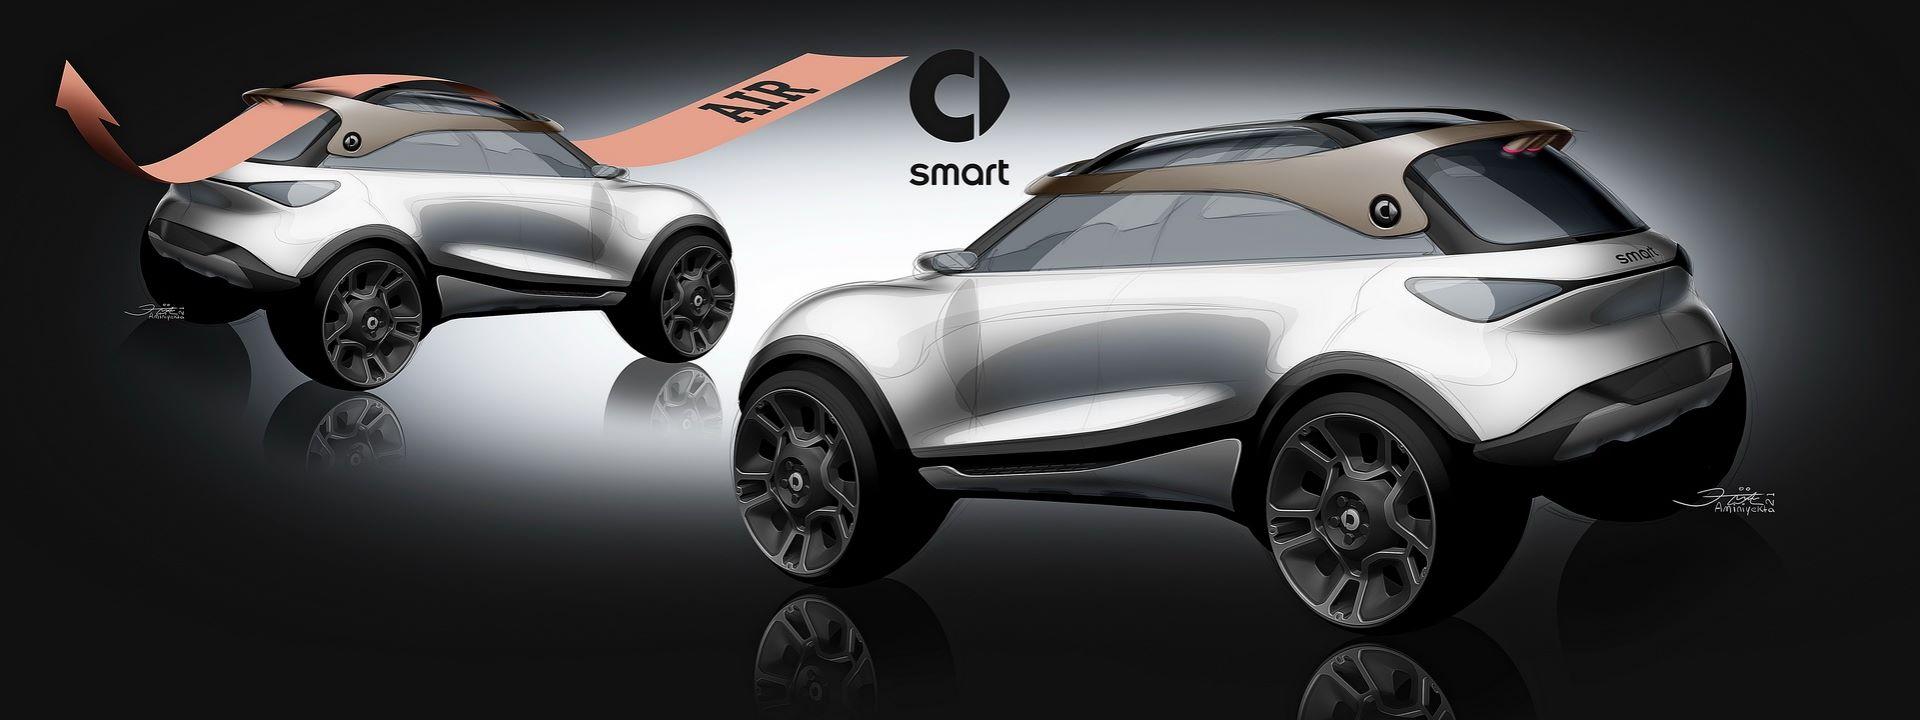 Smart-SUV-Concept-21